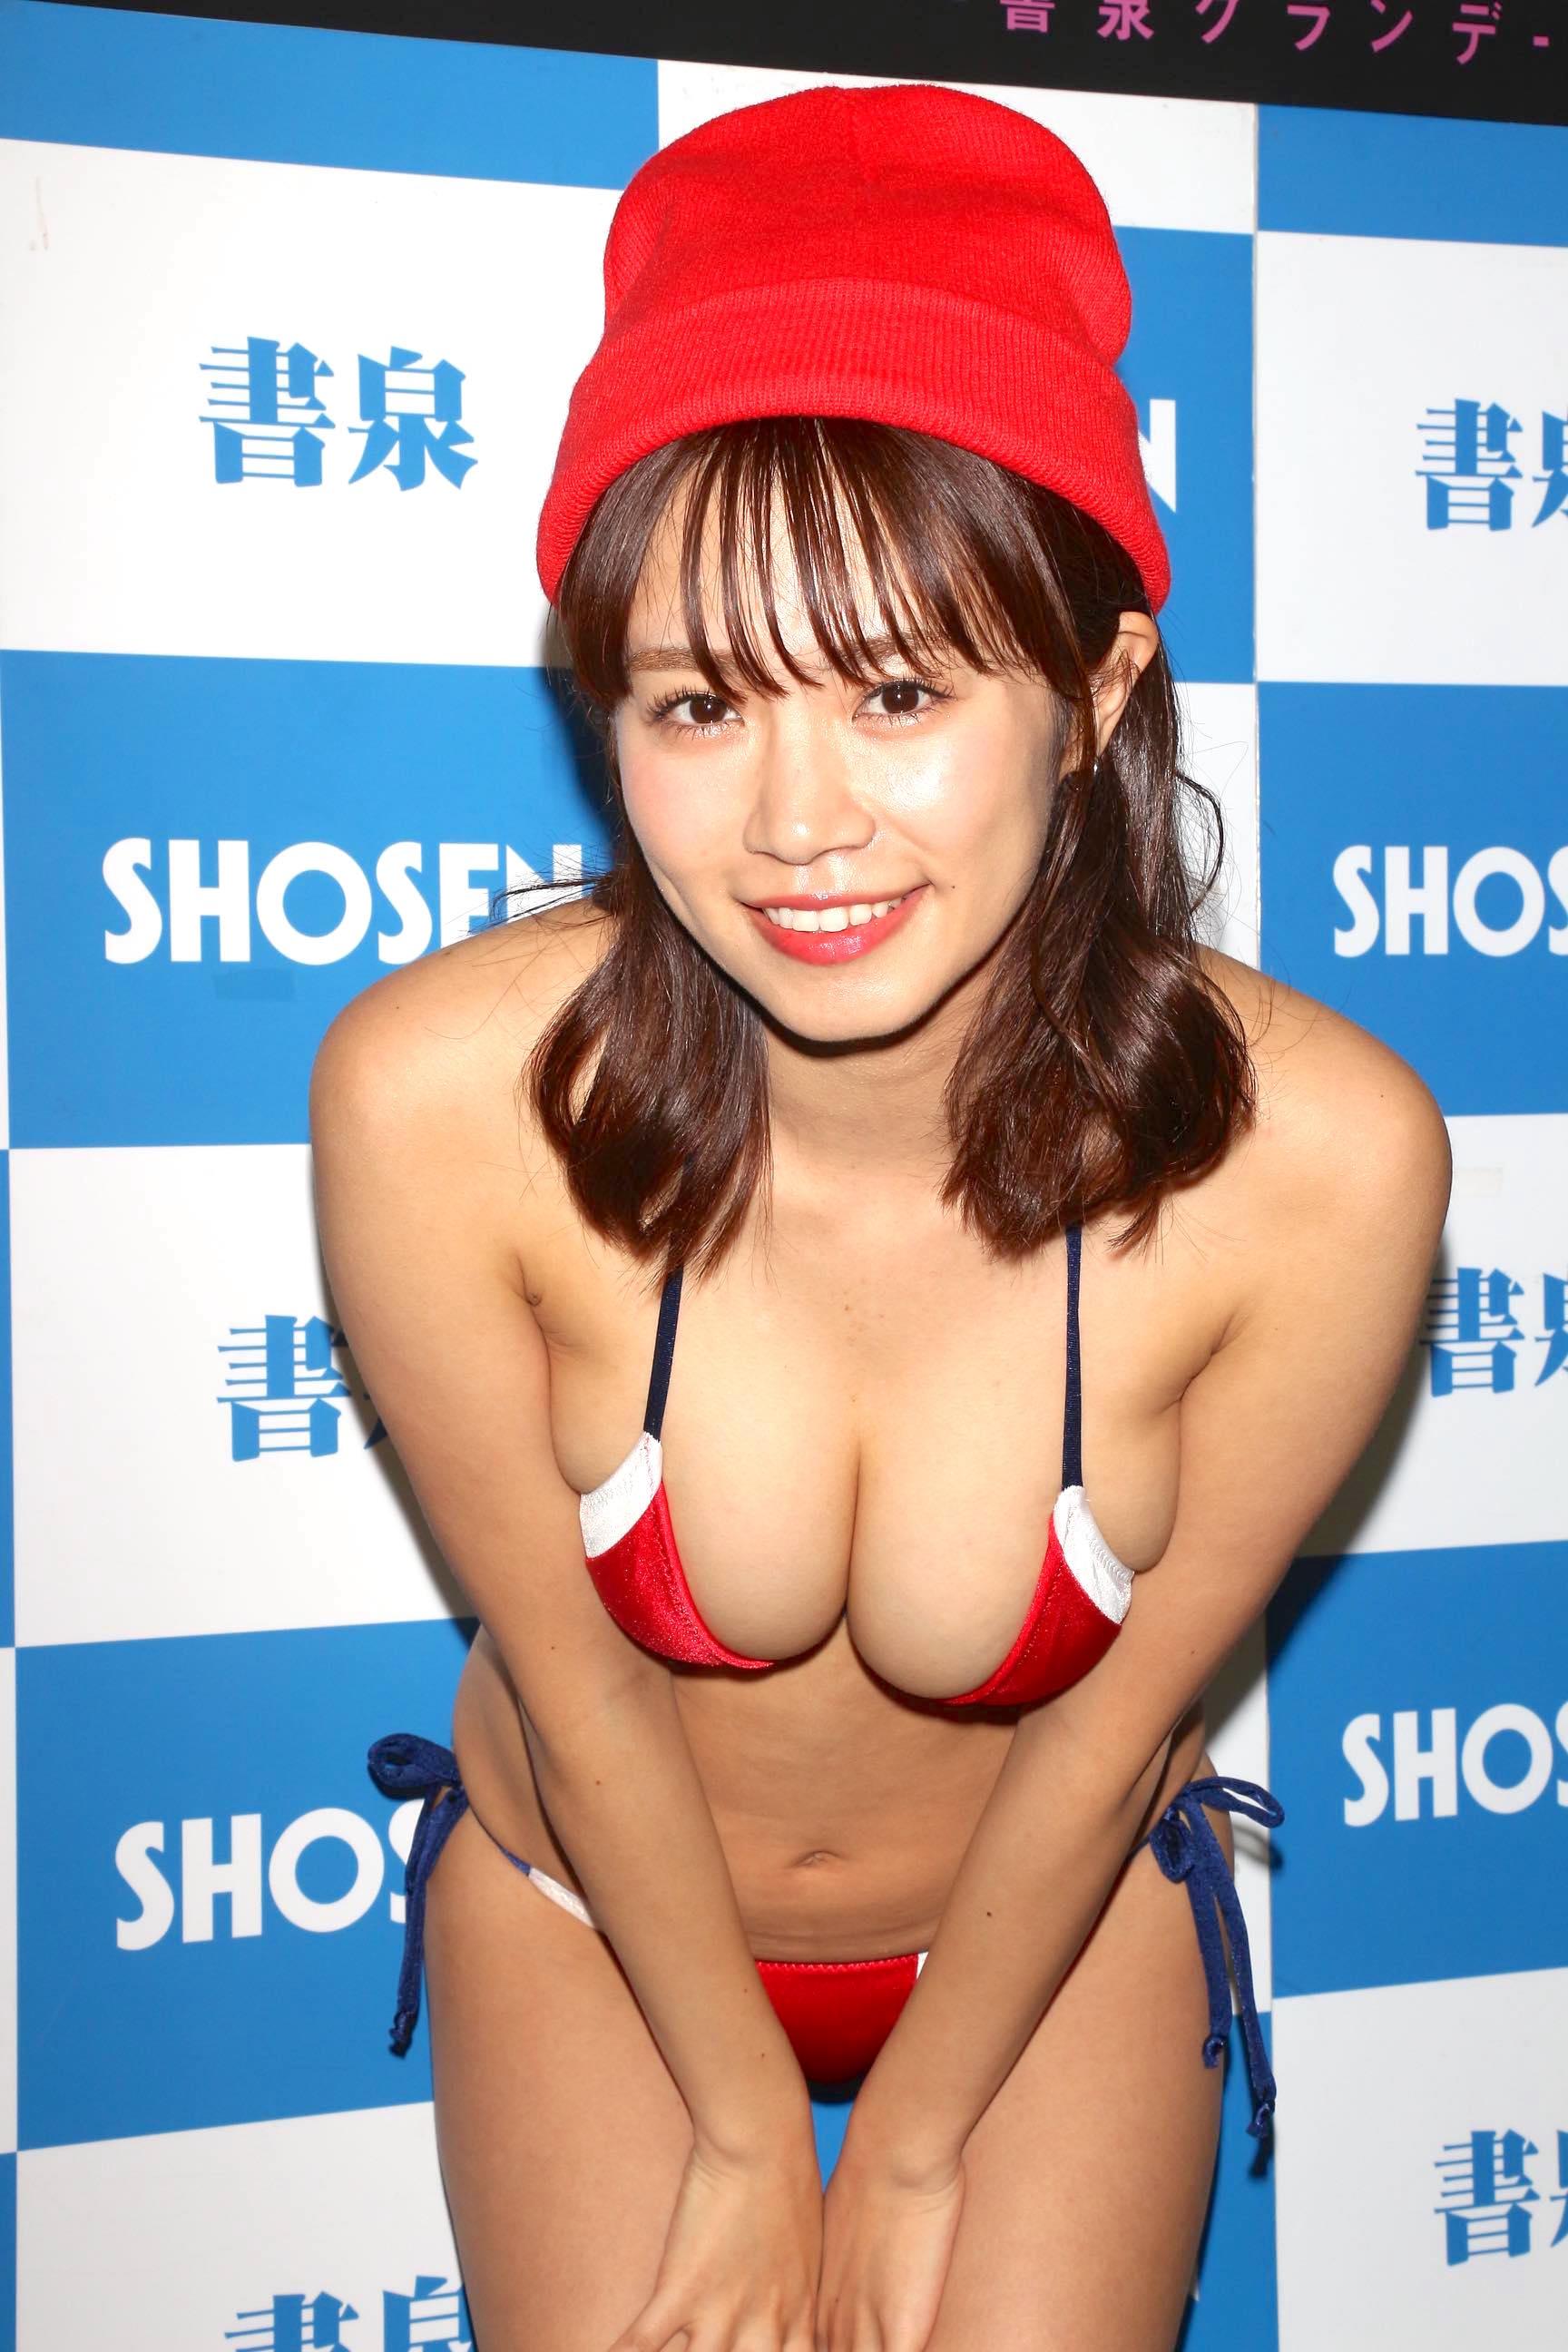 菜乃花「キス600回」を経験し、慣れてきた!?【写真18枚】の画像012